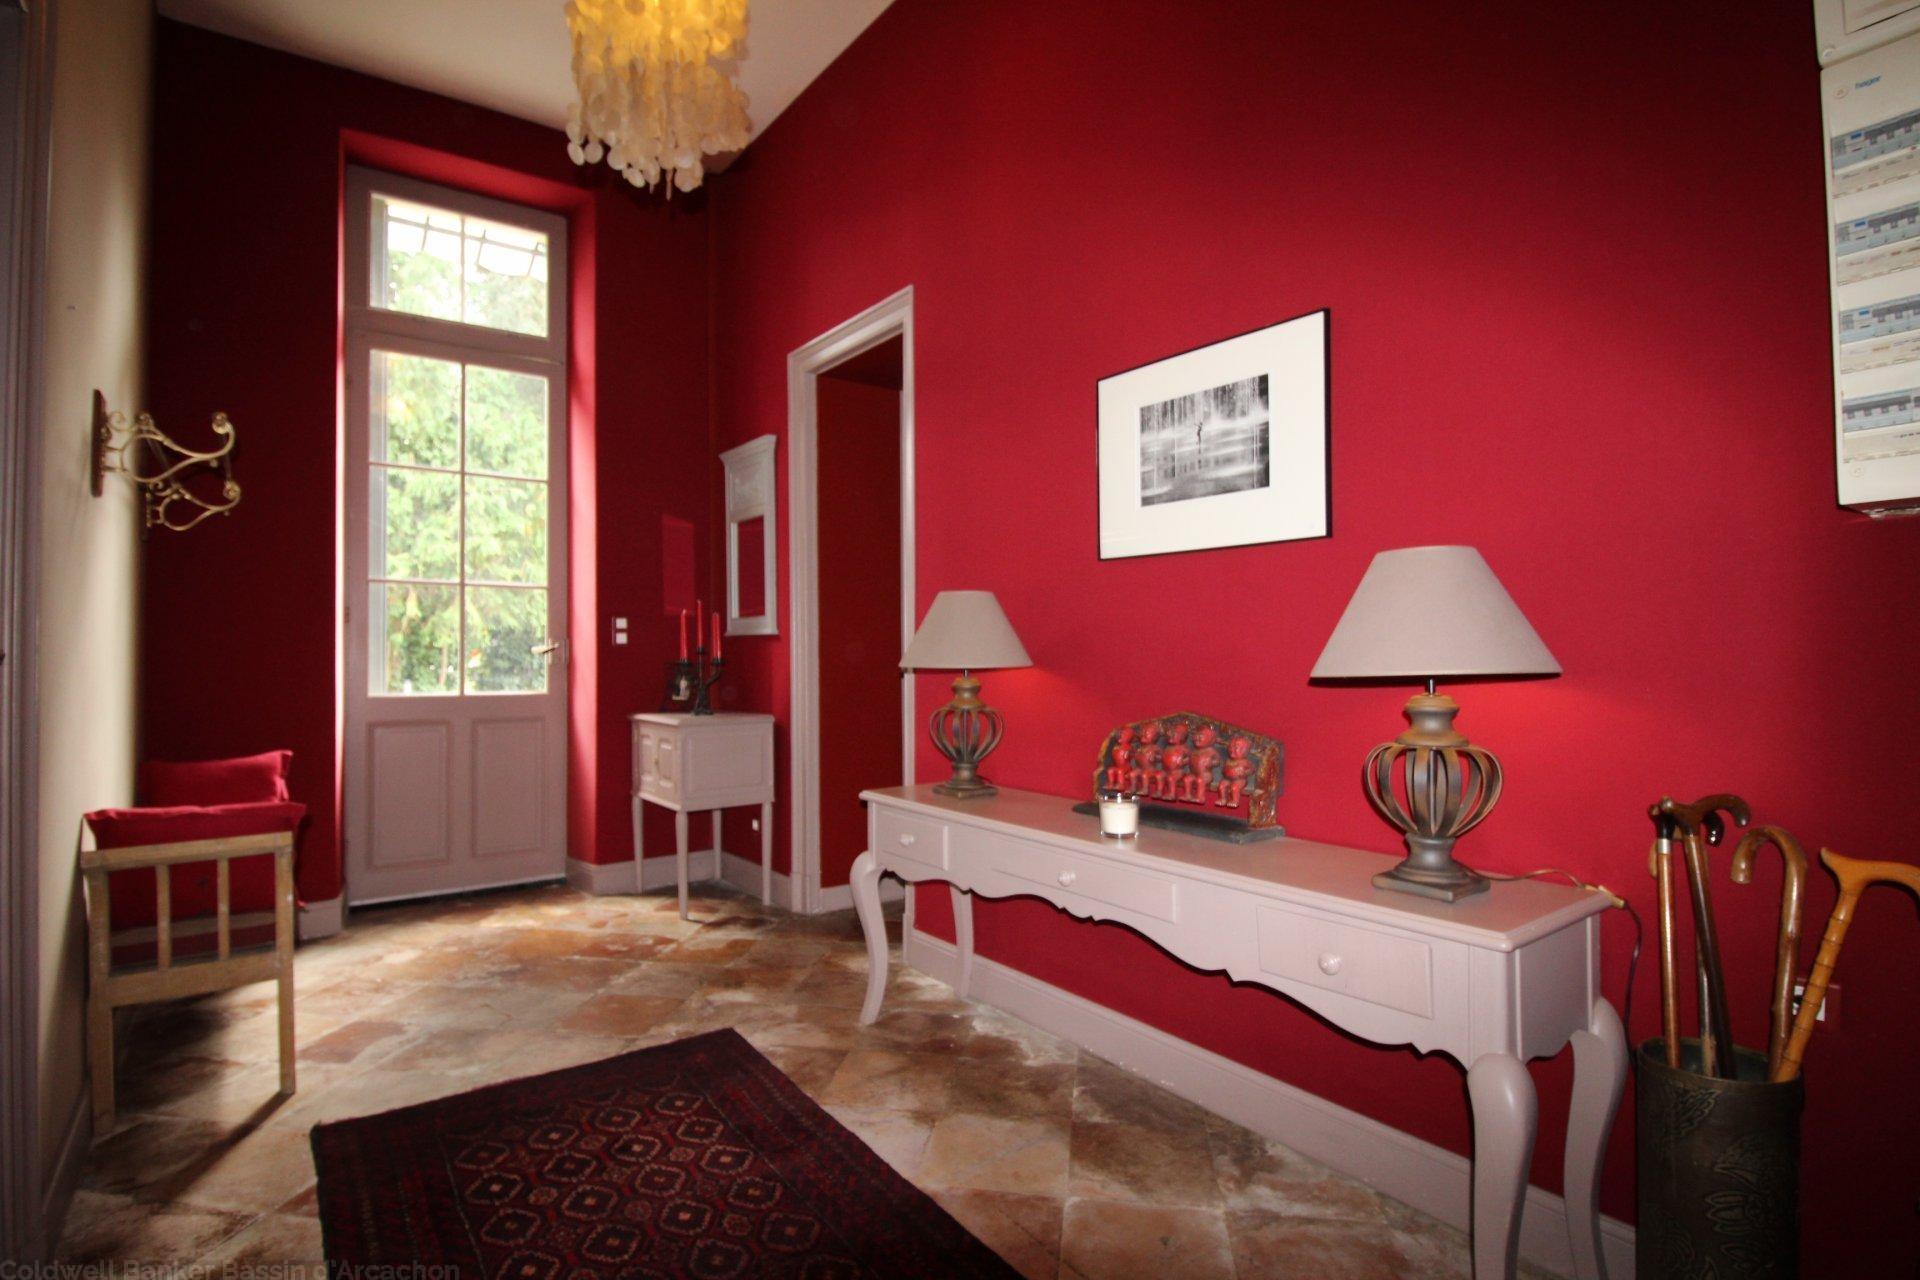 Vente chartreuse xiiie si cle proche bordeaux montussan for Hotel de luxe bordeaux